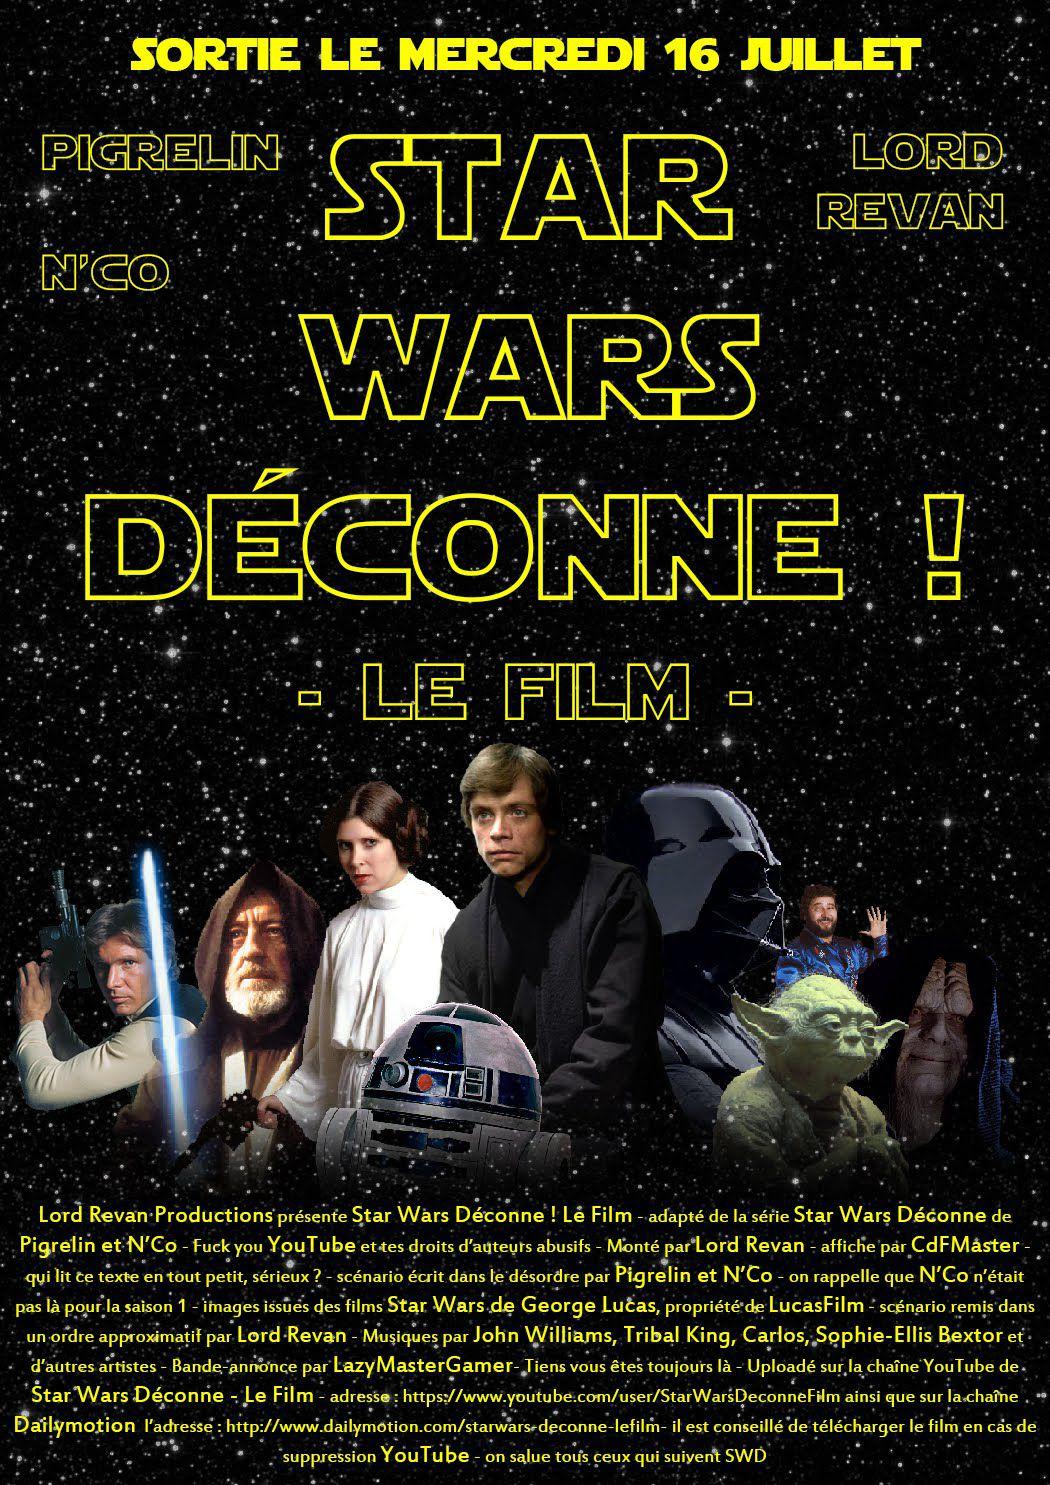 Star Wars Déconne - Le Film - Film (2014)